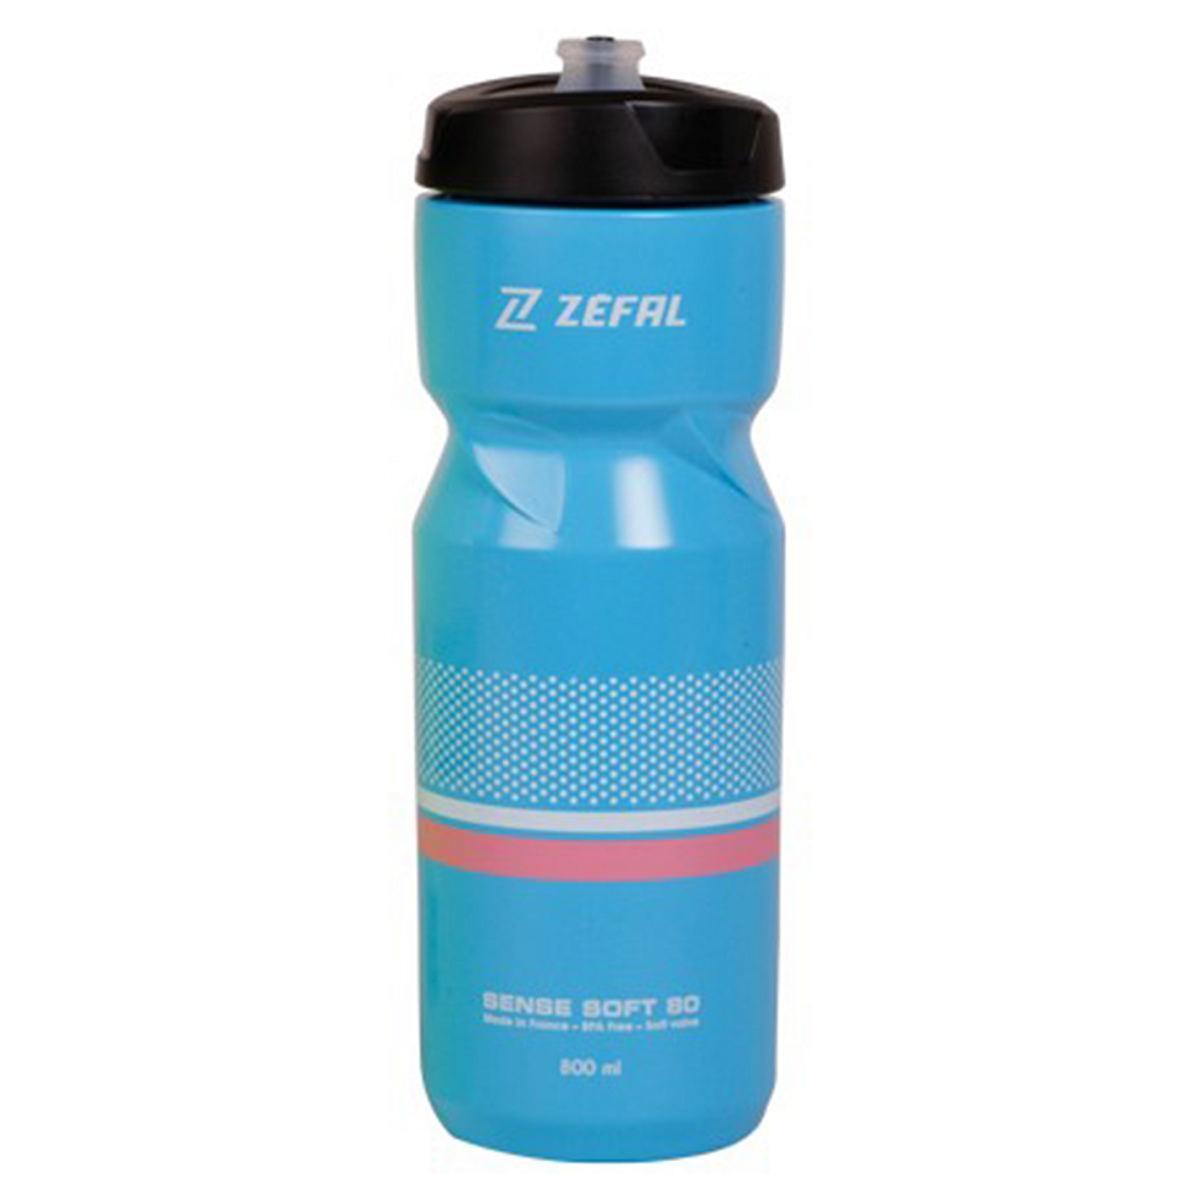 Garrafa-Caramanhola-para-Ciclismo-Zefal-Sense-Soft-80-Azul-e-Preto-800ml---9621